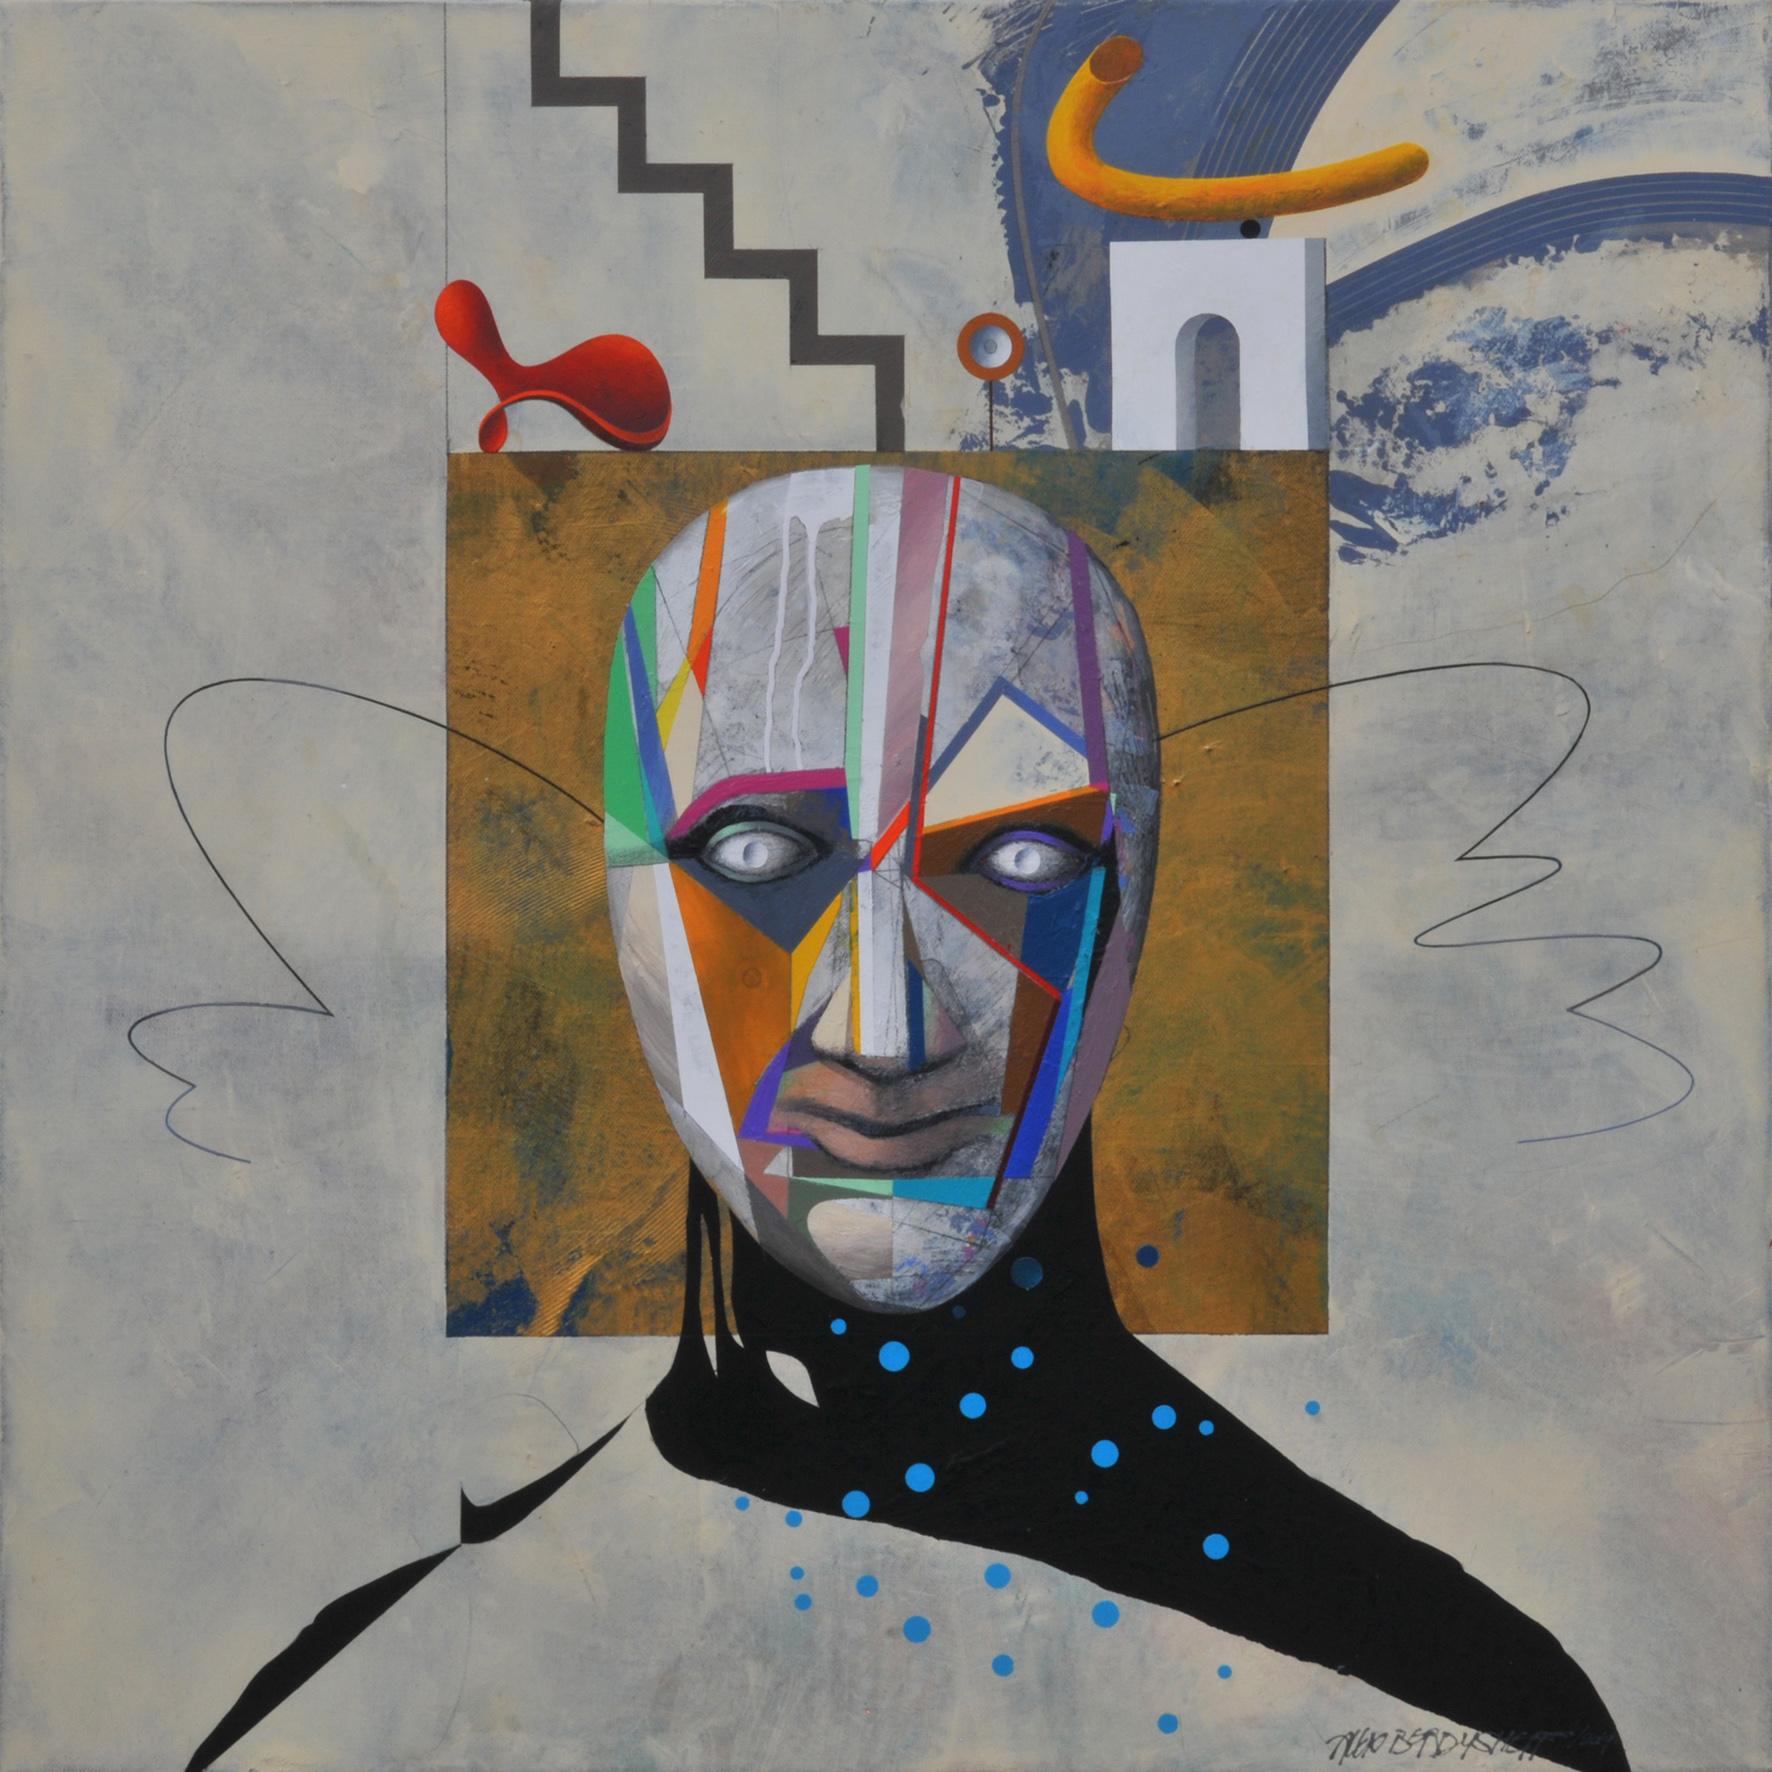 Performer, acrylic on canvas, 85x85 cm, 2019